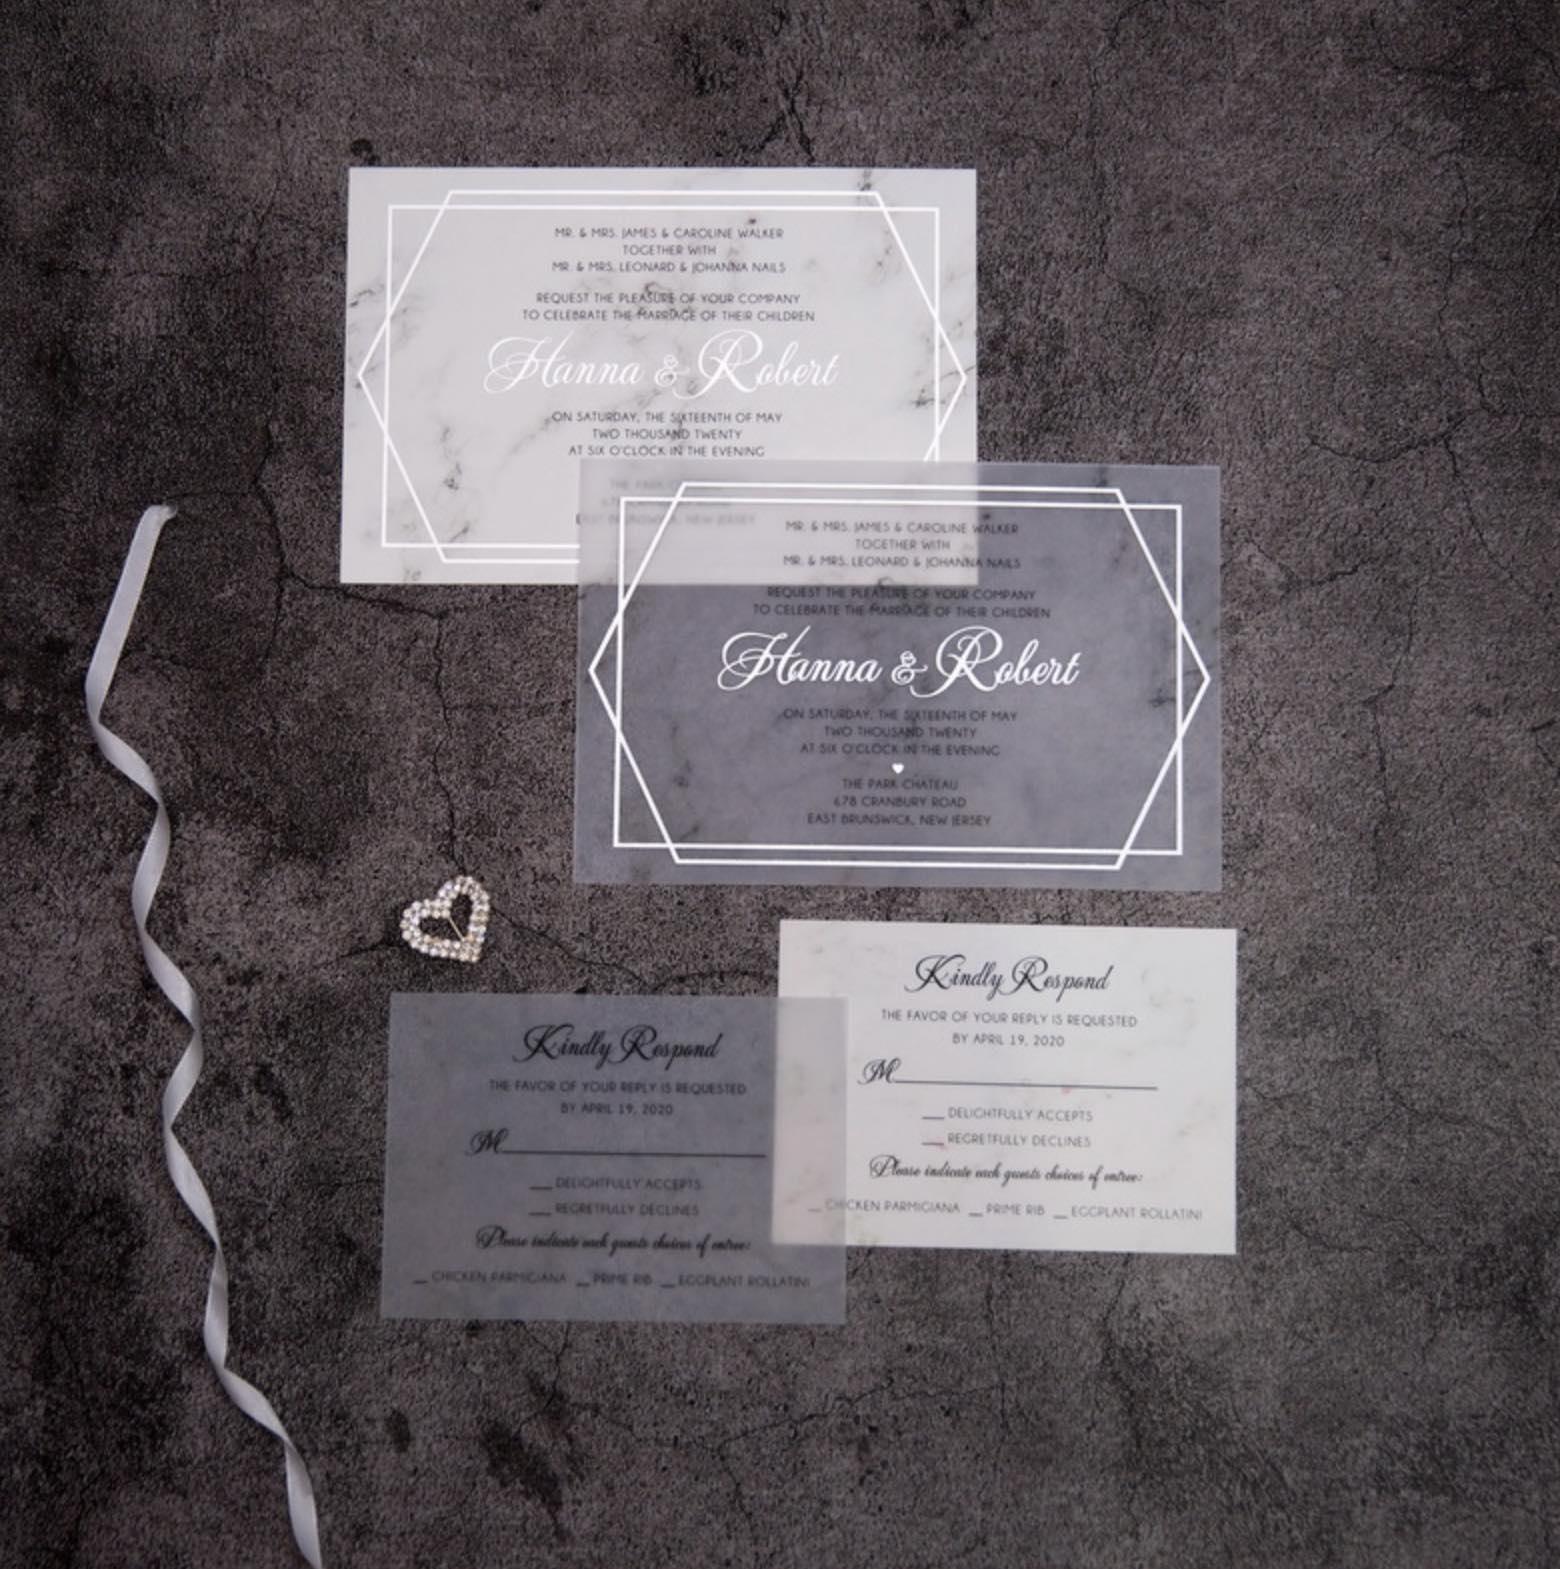 Cartes d'invitation mariage en papier sulfurisé impression dorure à chaud WFSI0024